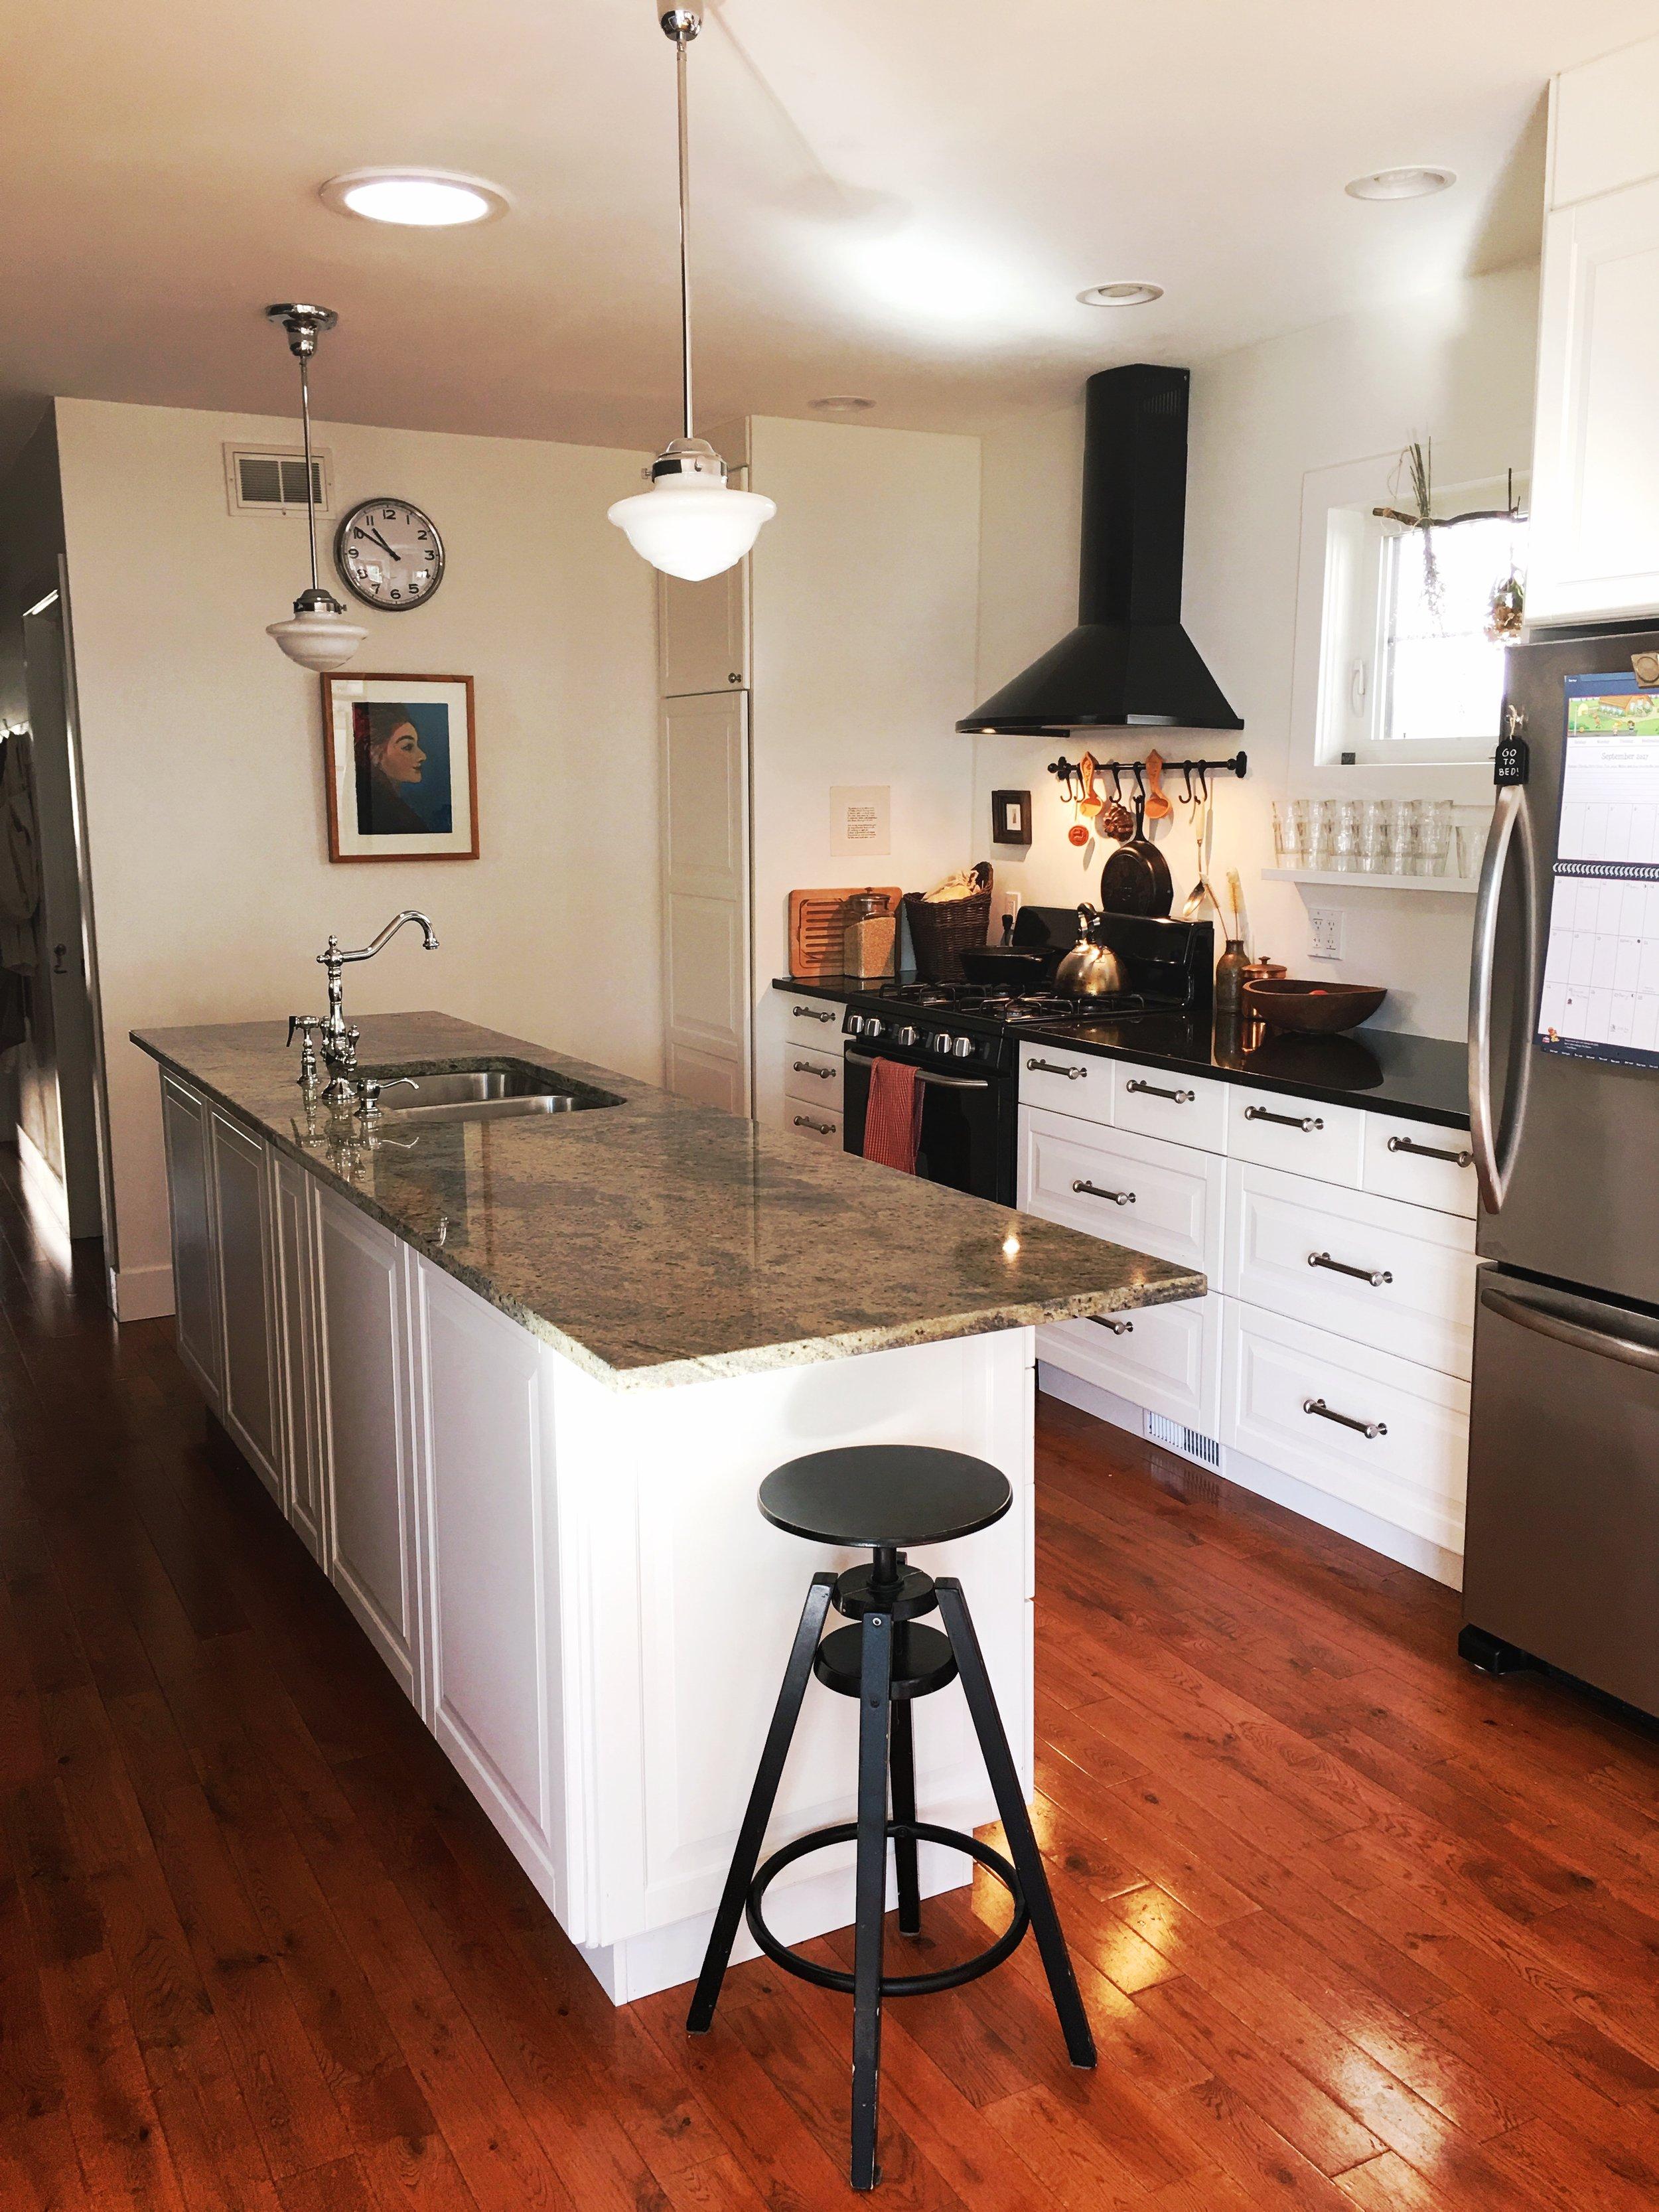 galley_island_kitchen.JPG